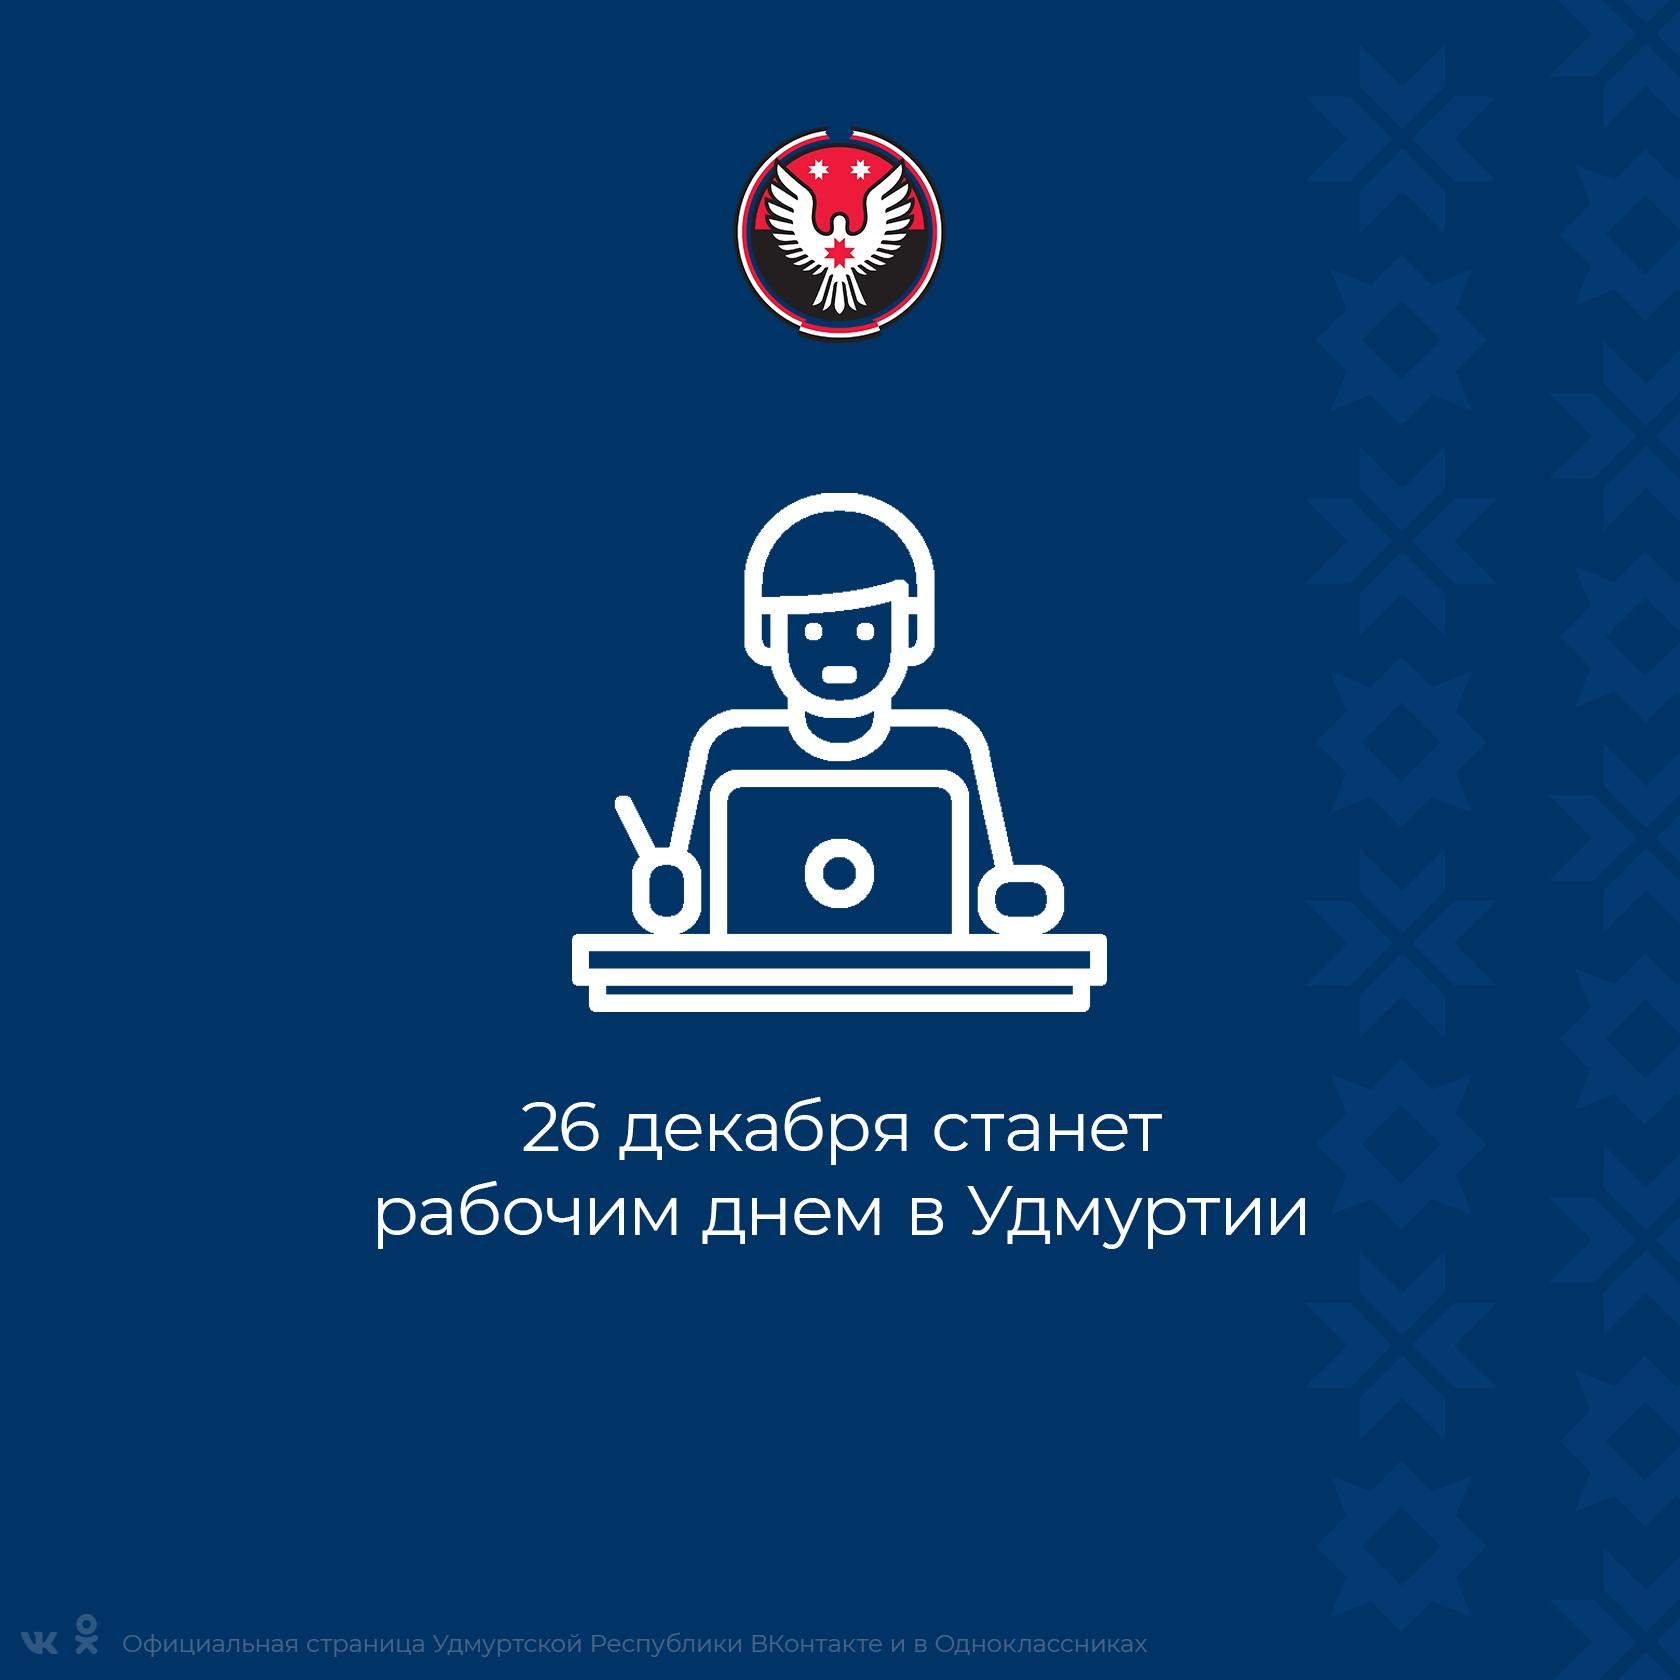 26 декабря станет рабочим днем в Удмуртии.